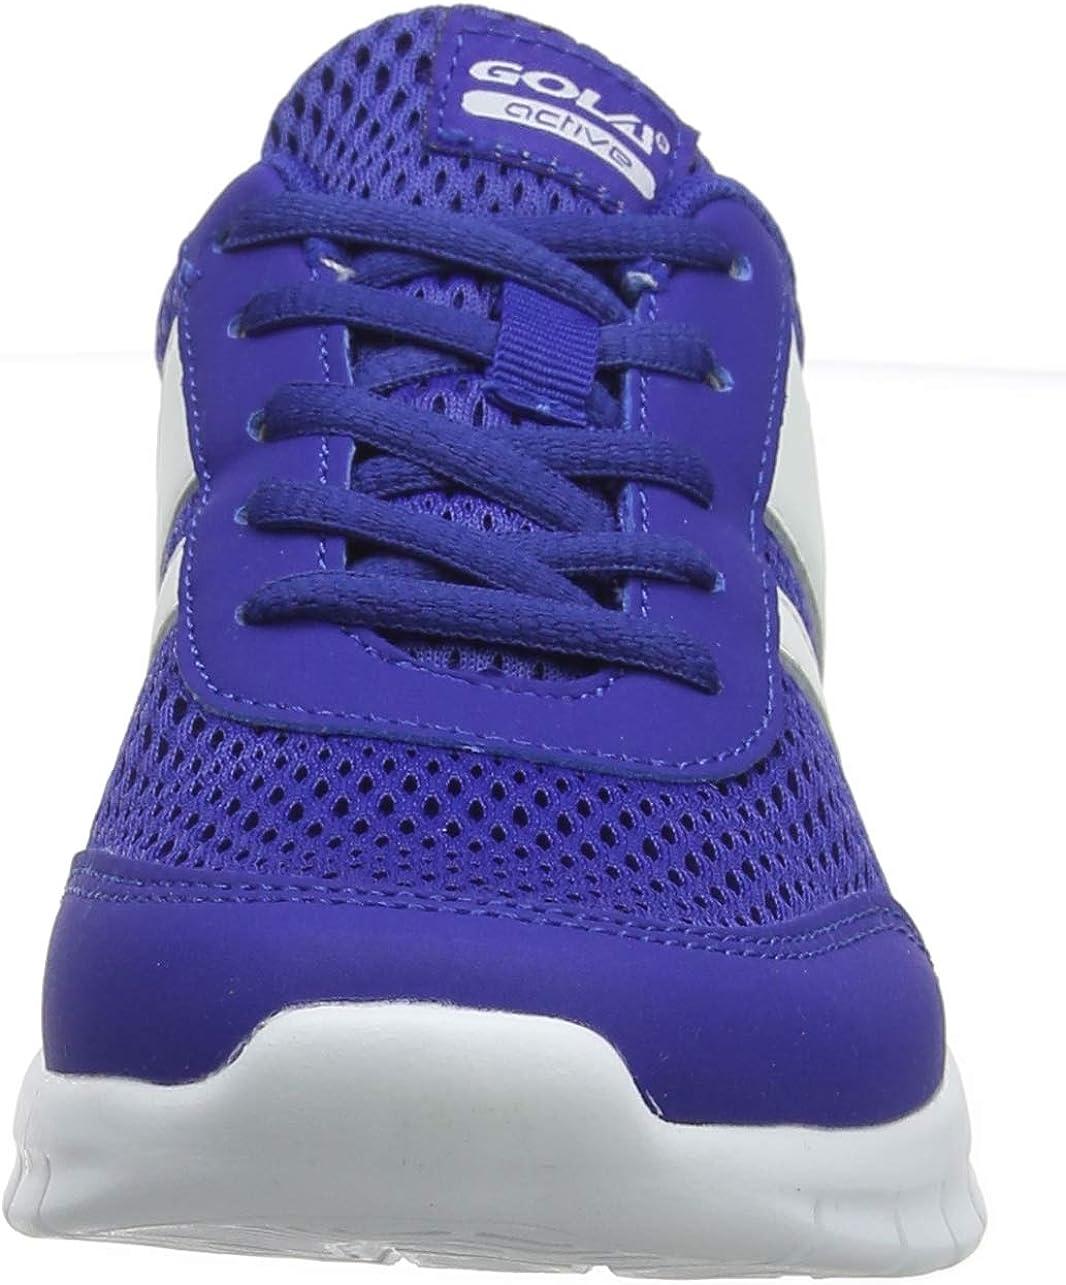 Gola Active Belmont Junior Sneakers